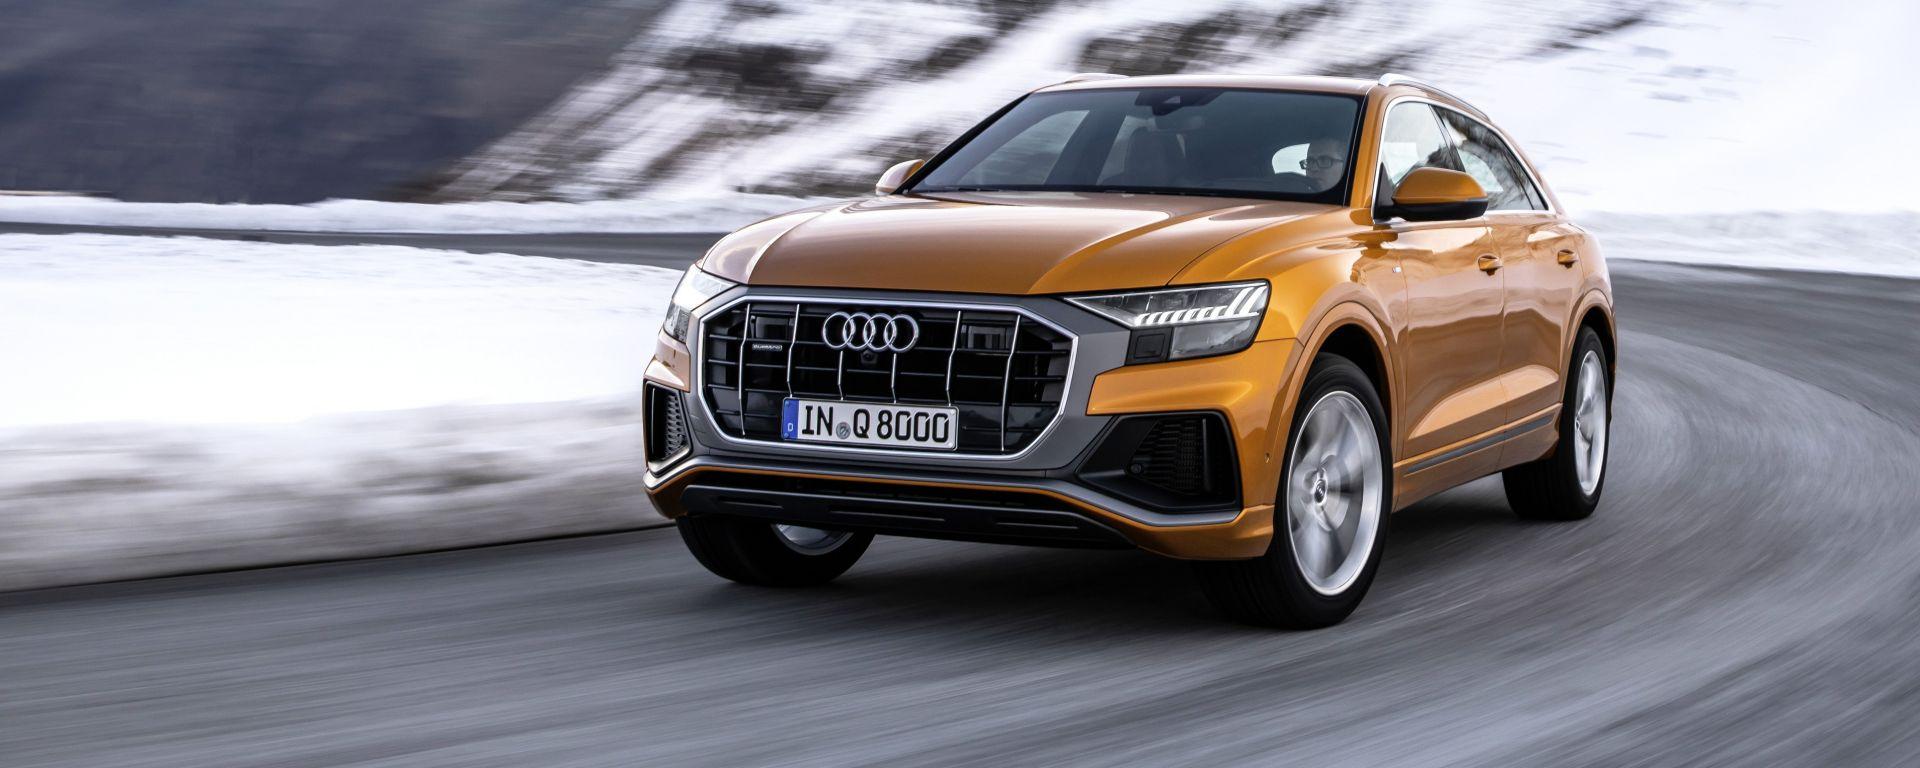 Audi Q8 2019: due nuove motorizzazioni a 6 cilindri in gamma